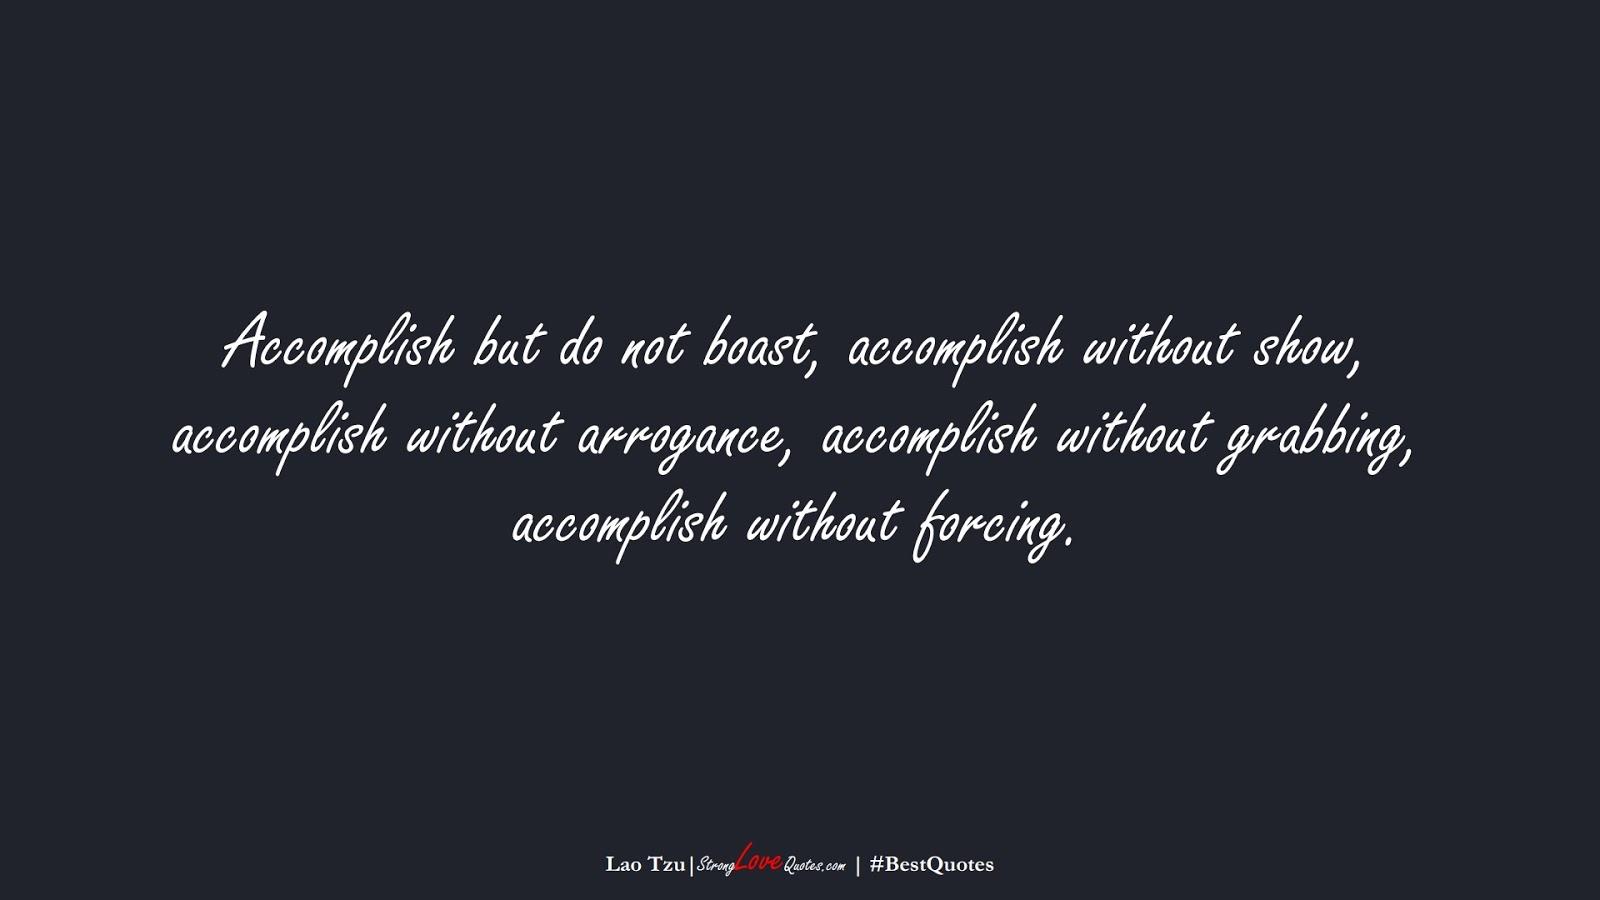 Accomplish but do not boast, accomplish without show, accomplish without arrogance, accomplish without grabbing, accomplish without forcing. (Lao Tzu);  #BestQuotes